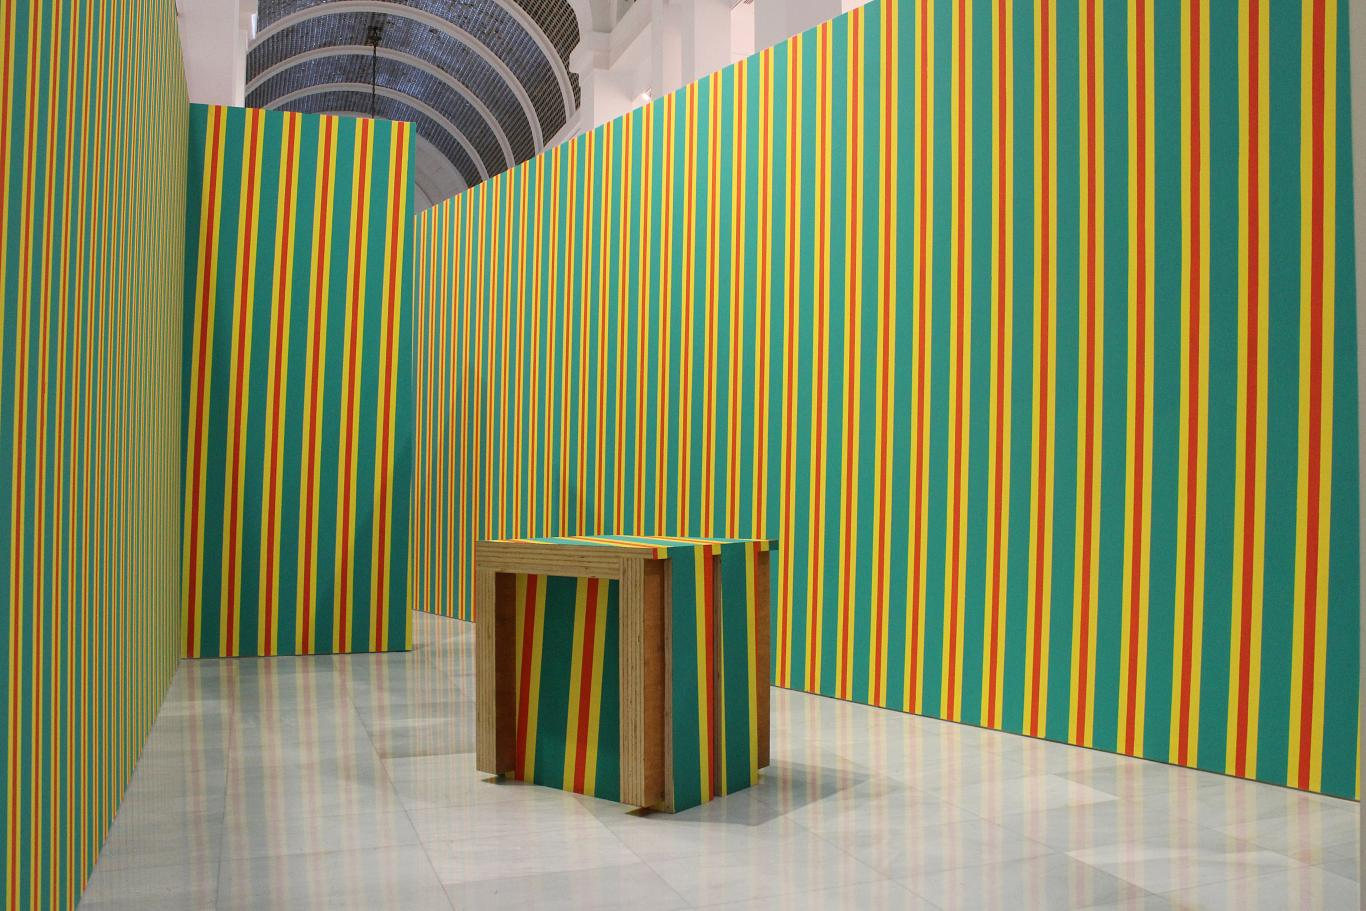 Muro pintado con rayas de colores en vertical en tonos verdes, amarillos y naranjas realizado por Pello Irazu. Un cubo en el centro repite el mismo patrón de dibujo